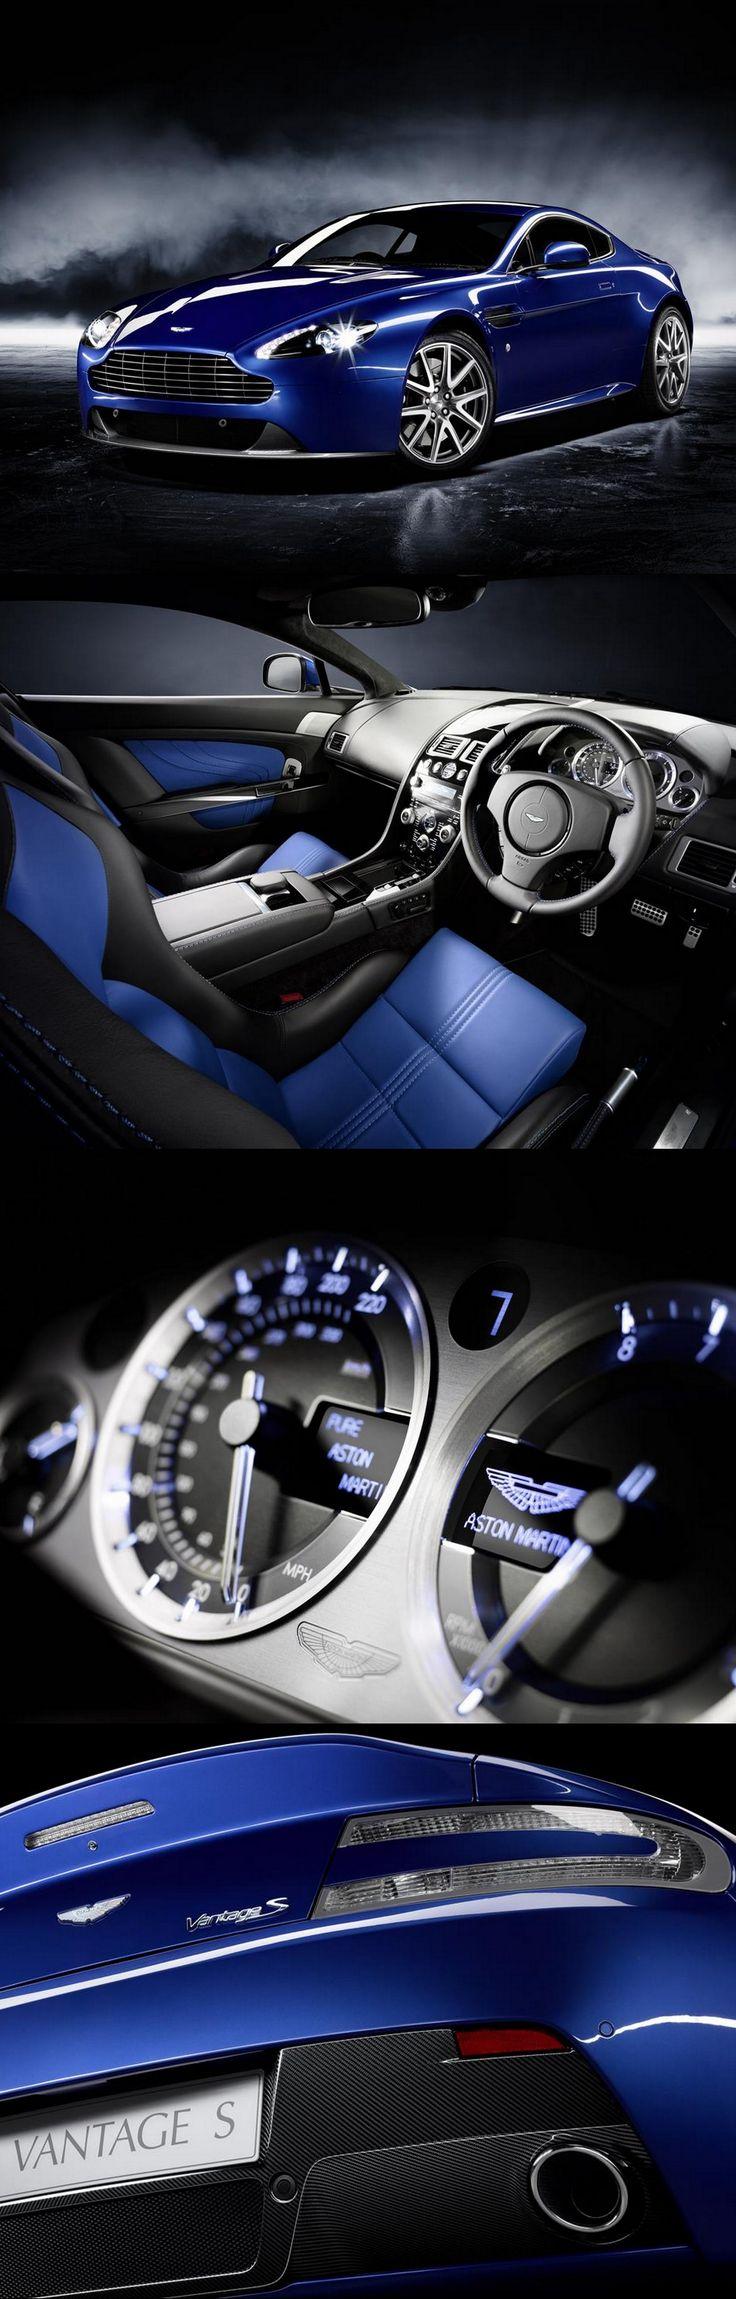 aston martin vantage sport v8 blue carsaston